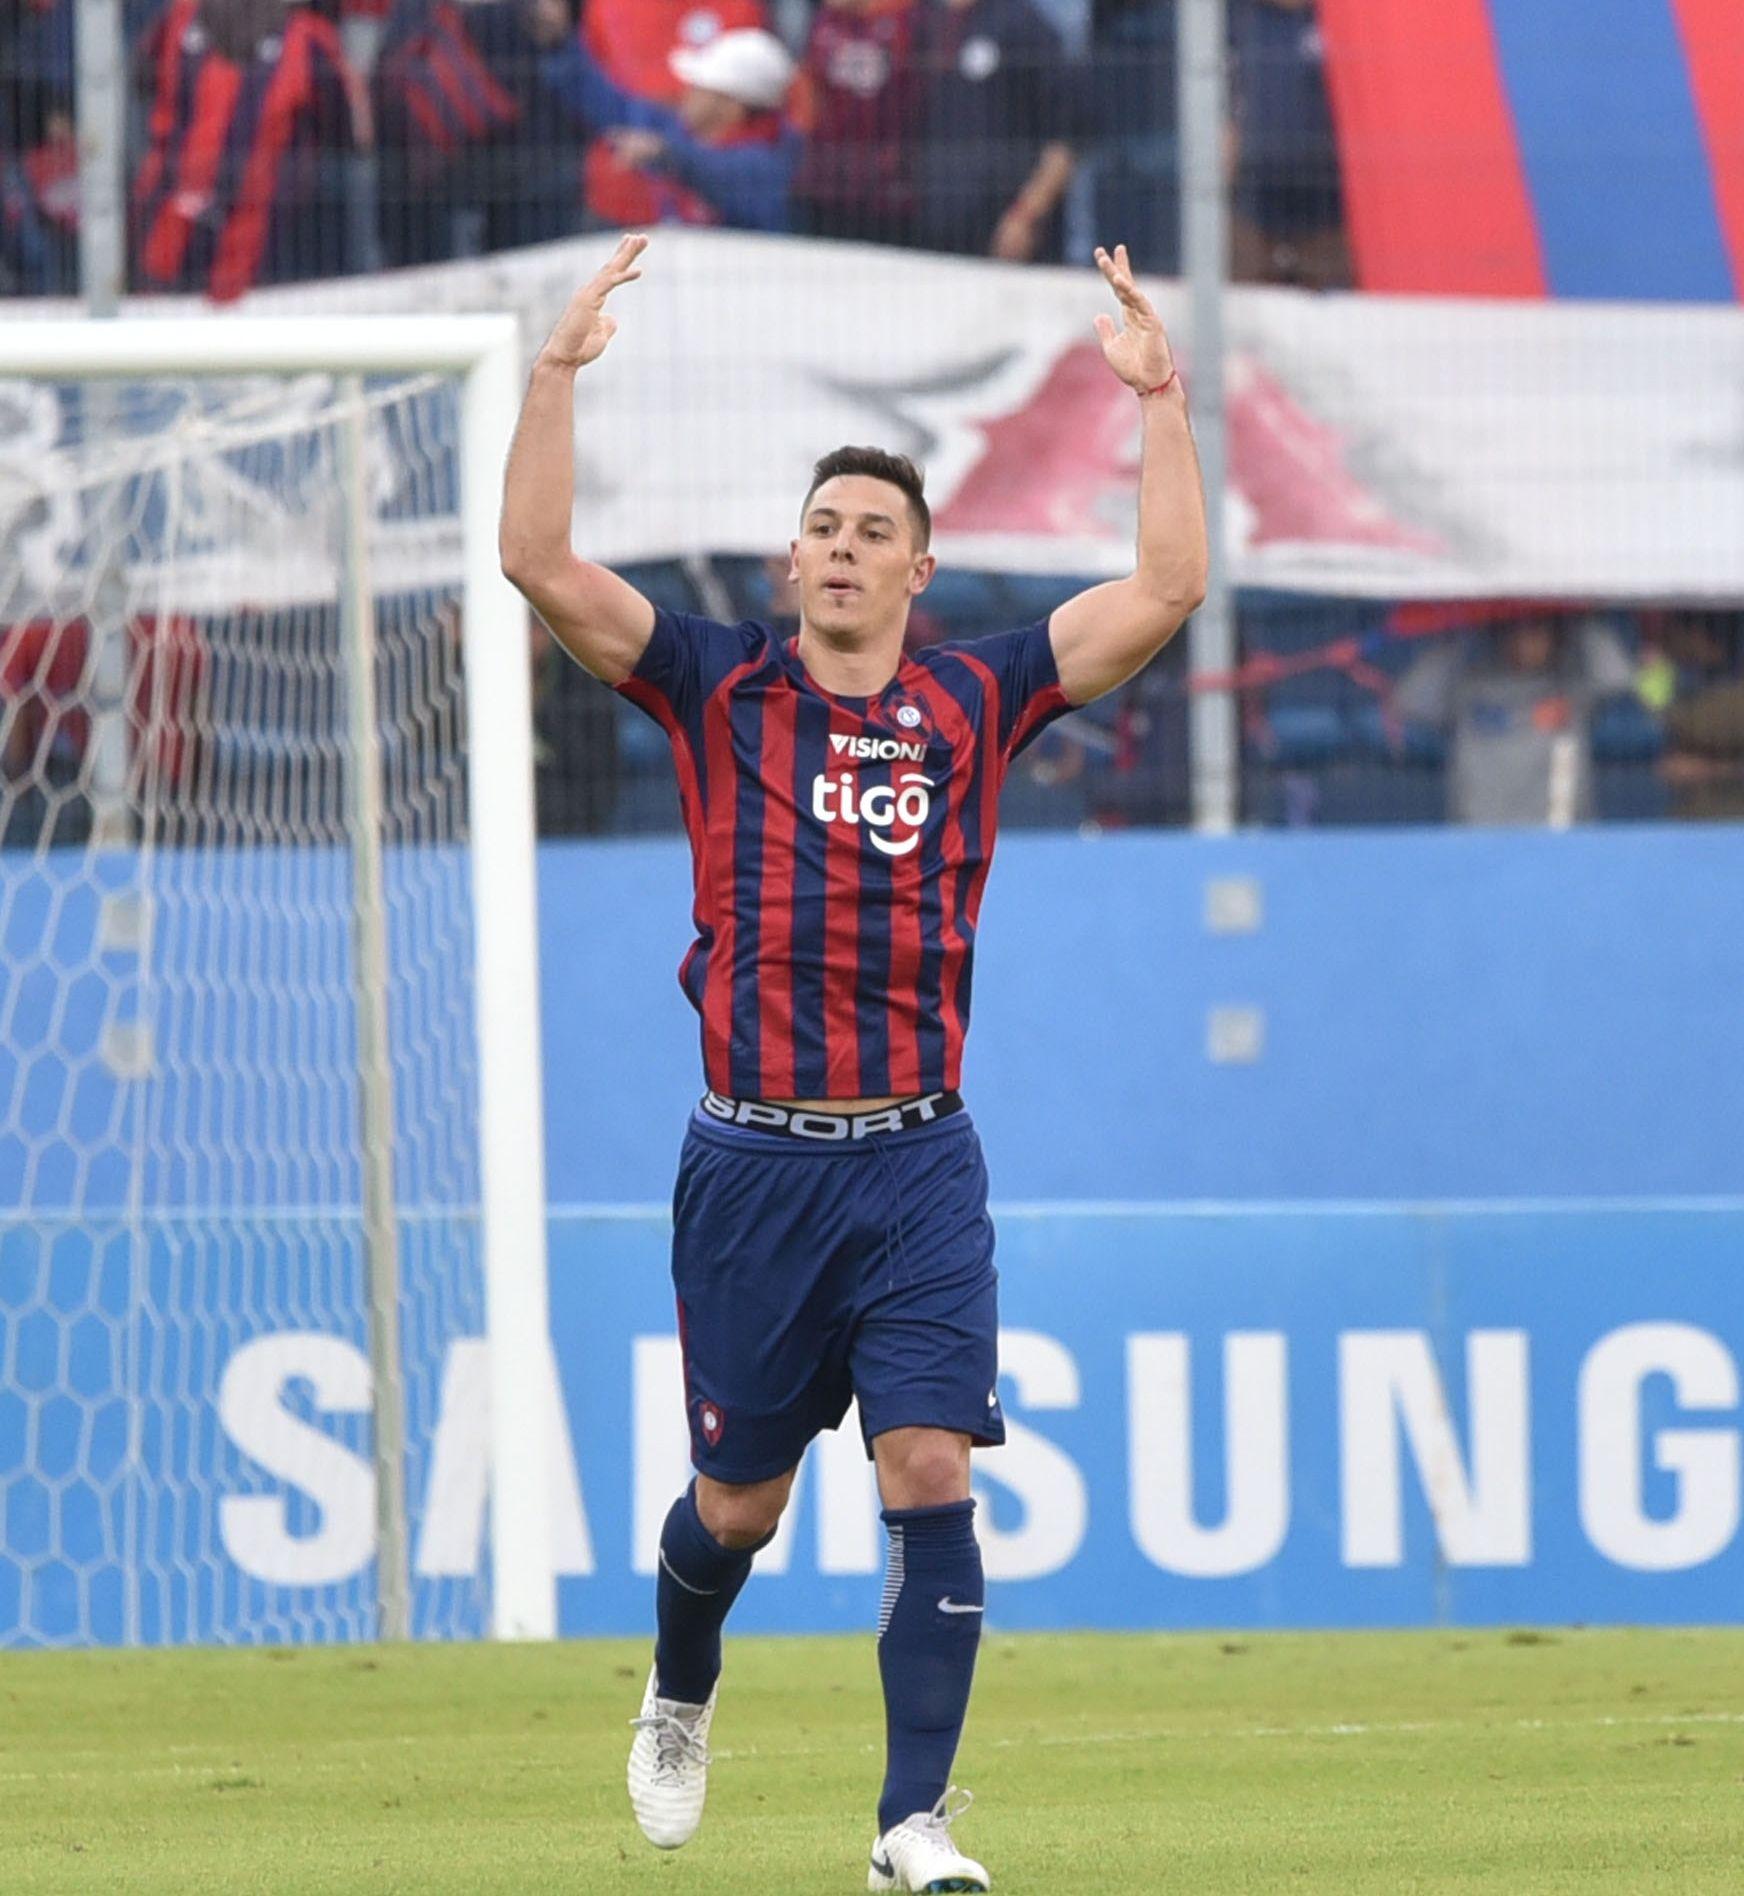 Sinónimo de gol. Diego Churín llegó en silencio a Cerro y en base a goles se convirtió en un referente importante. Foto: José Molinas - Última Hora.